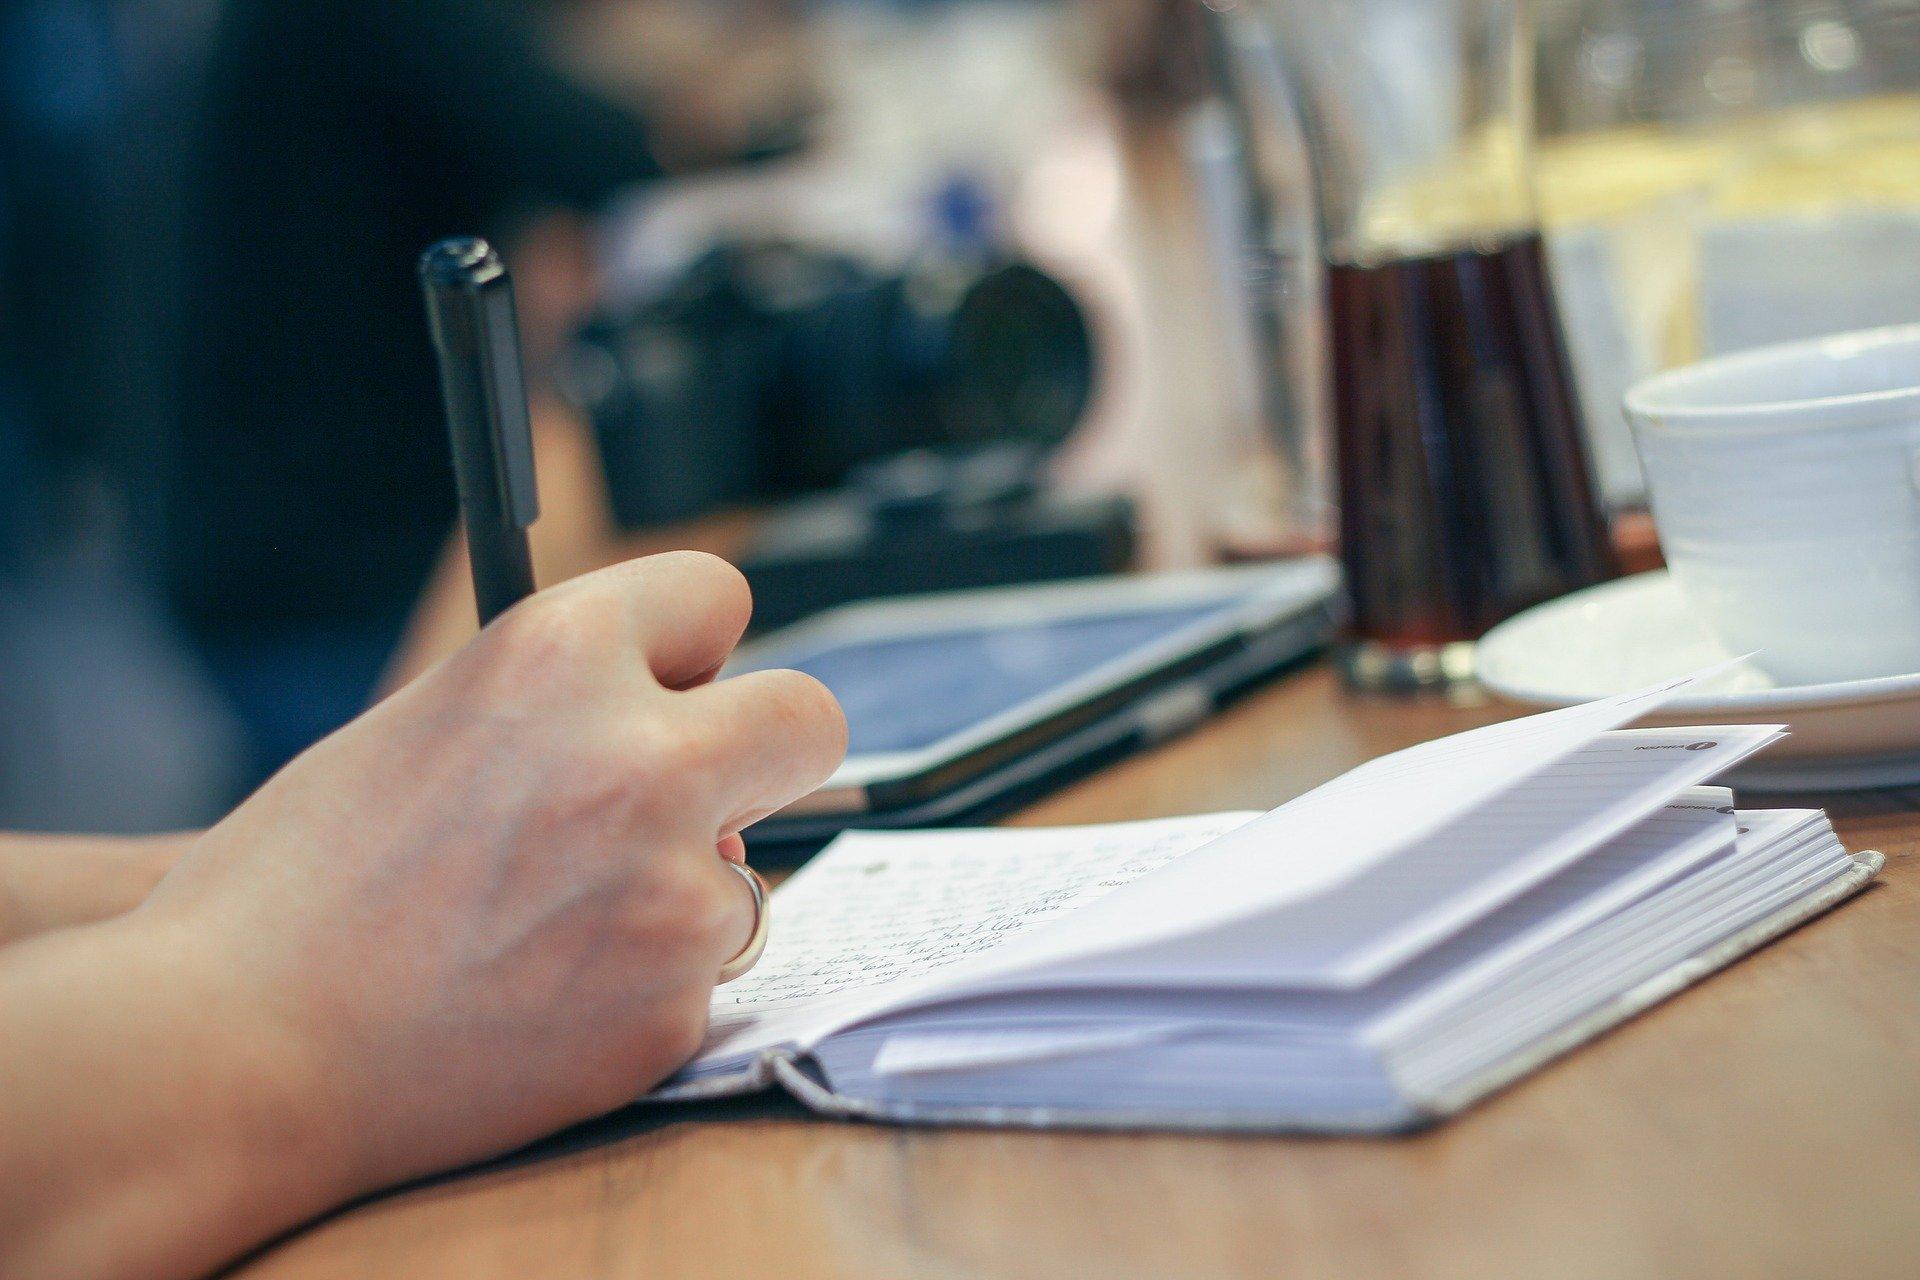 ノートにペンで書きつける手元。背景にタブレット端末とコーヒー